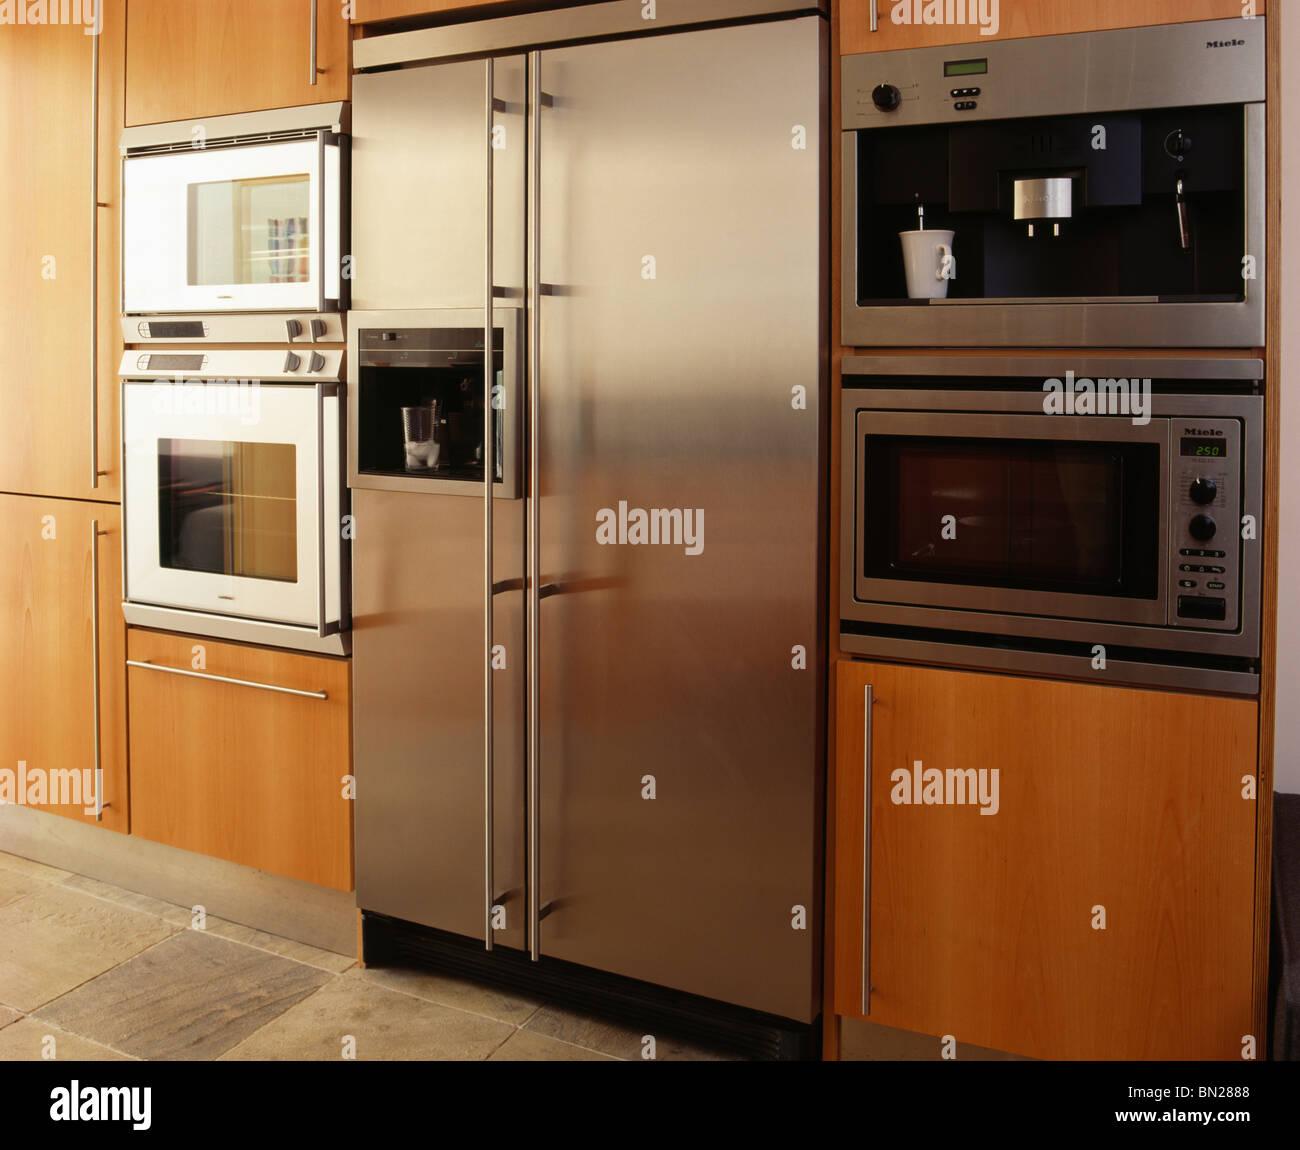 Innenküchen Kühlschränke Stockfotos & Innenküchen Kühlschränke ...